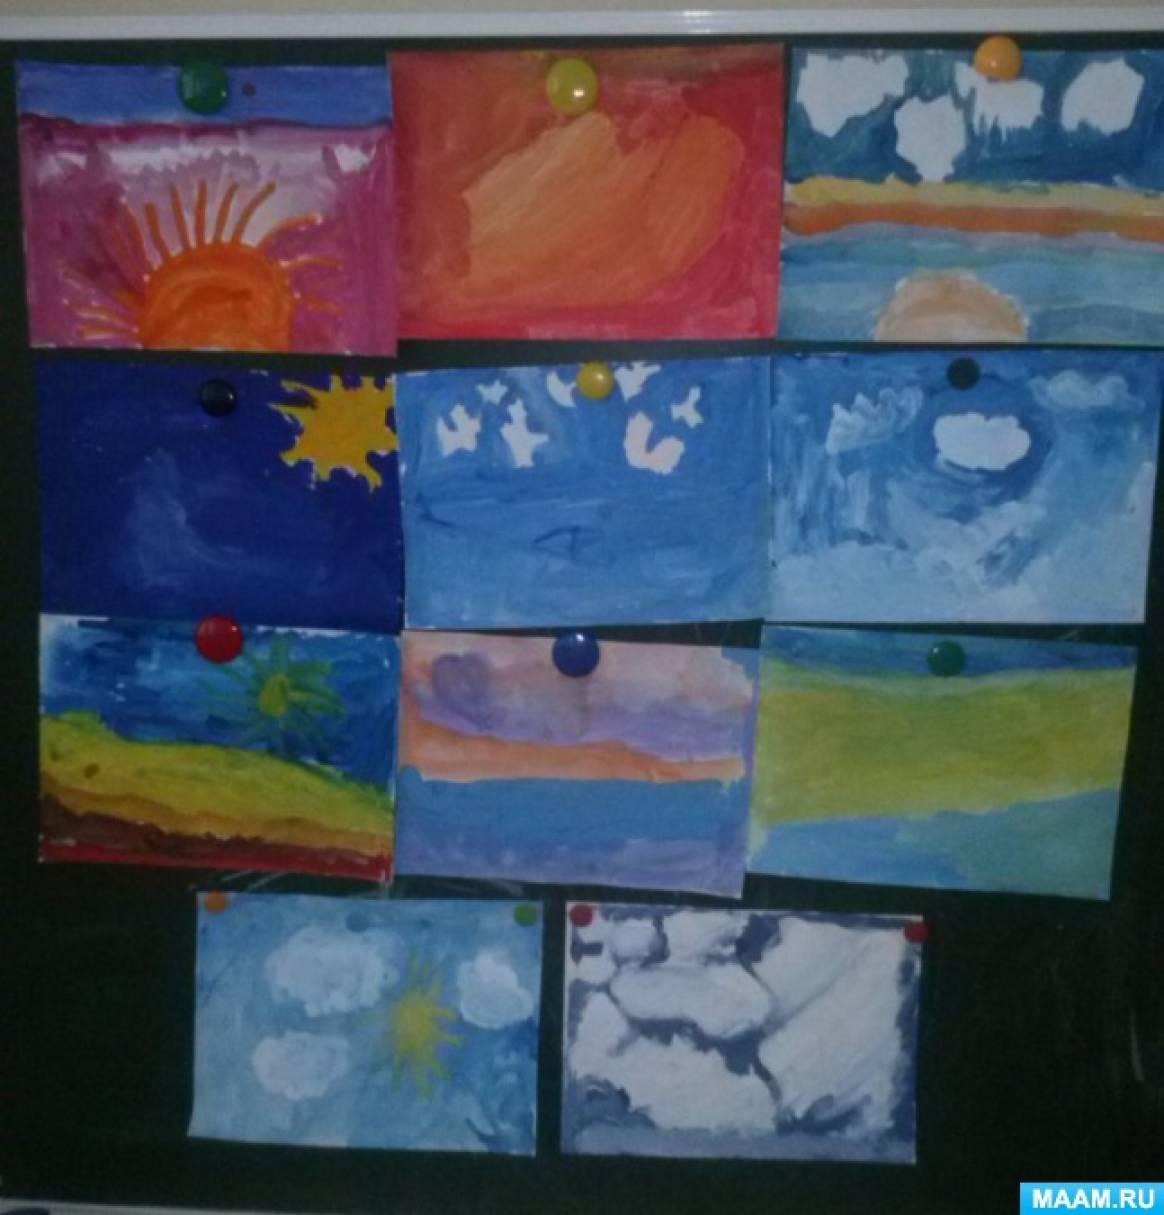 Практико-значимый проект «Прогулки по дням творения. Прогулка вторая. Небо»